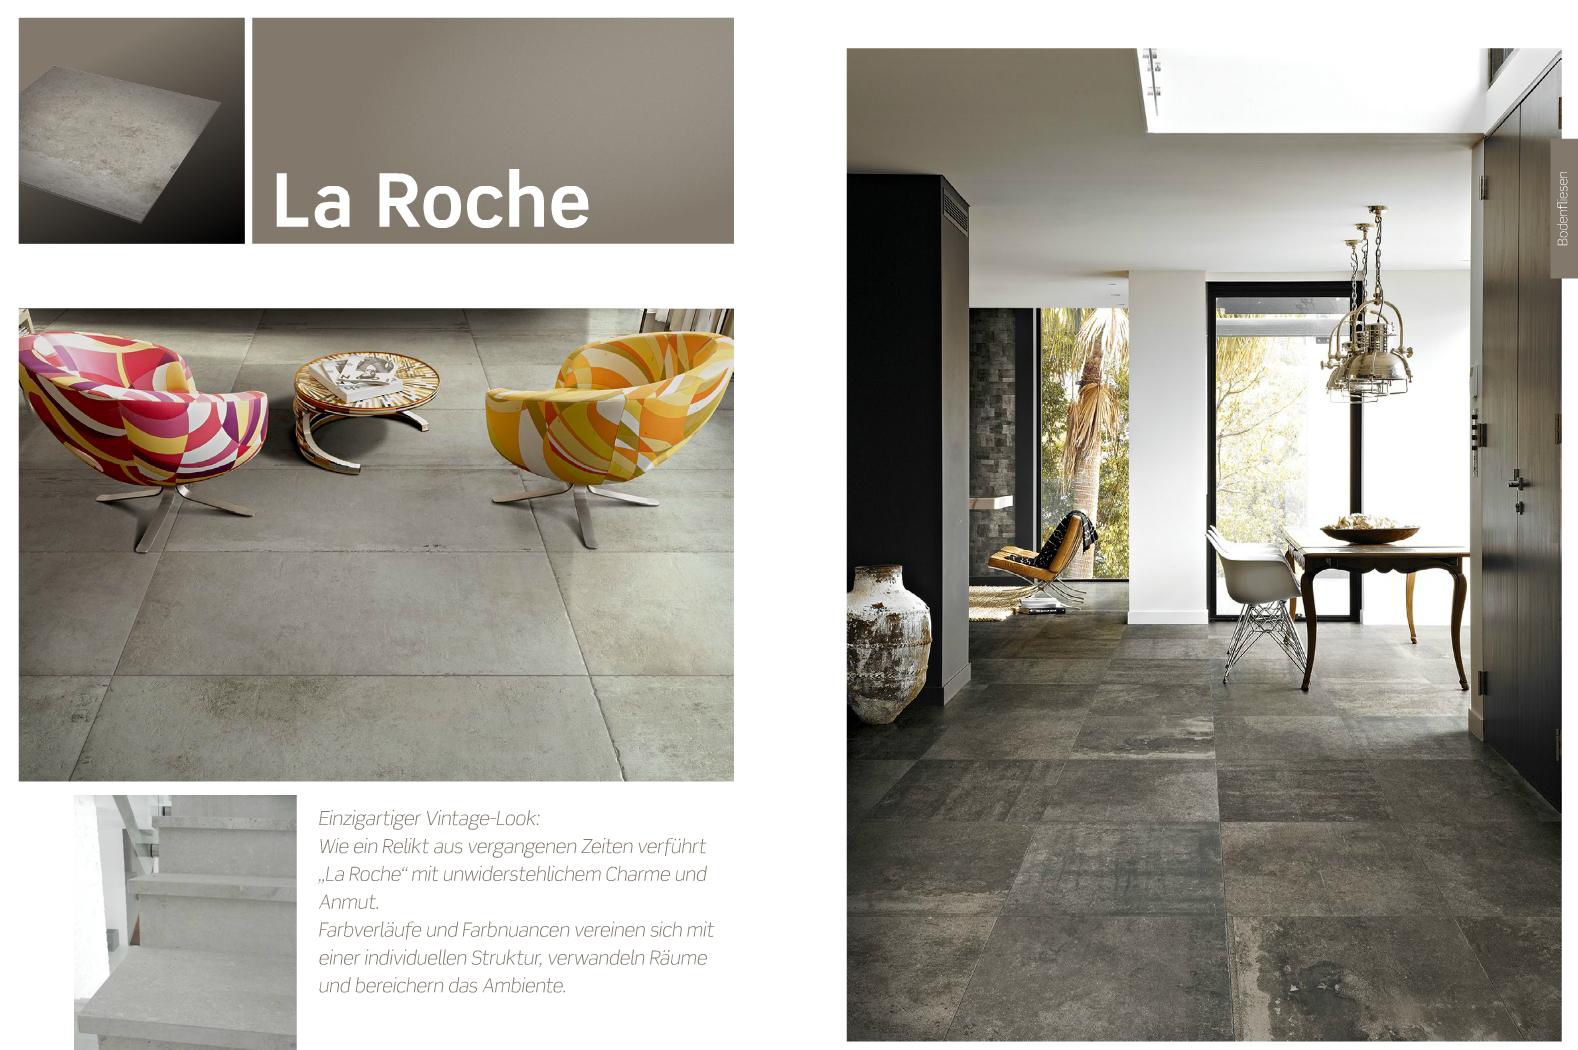 Bodenfliese La Roche